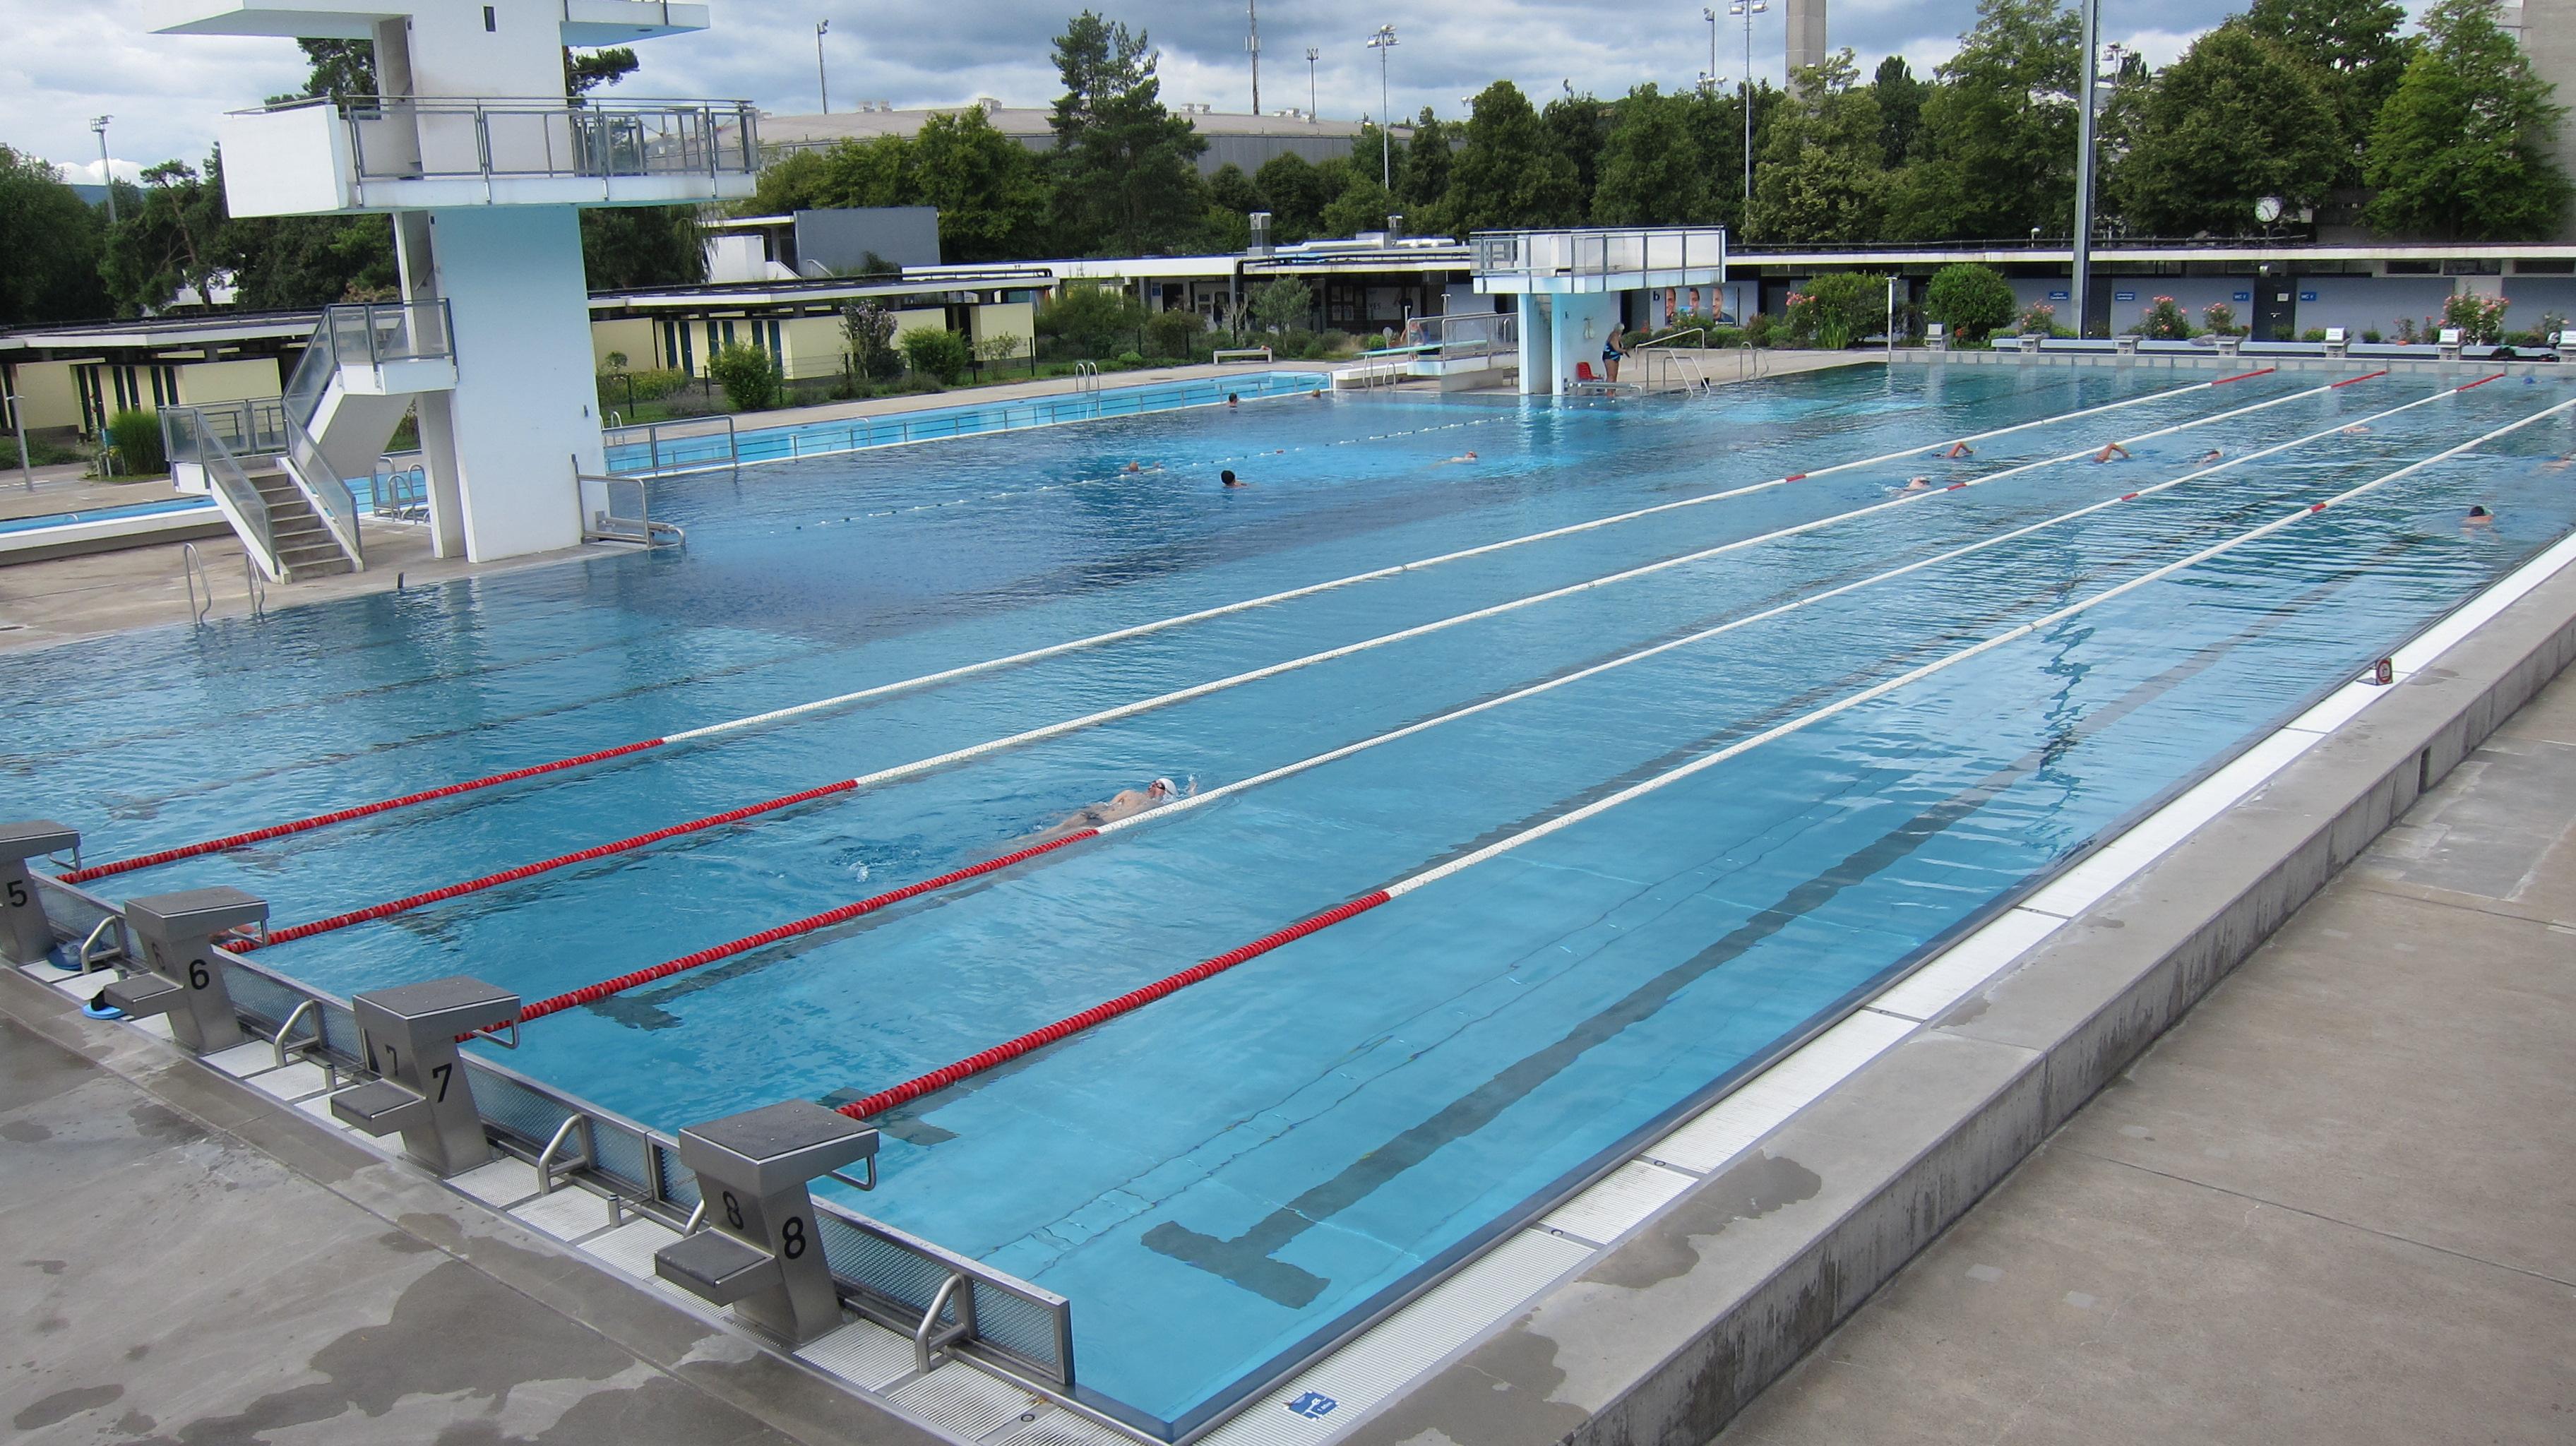 Natation vasion piscines et spots aquatiques du monde for Piscine 50m montreal